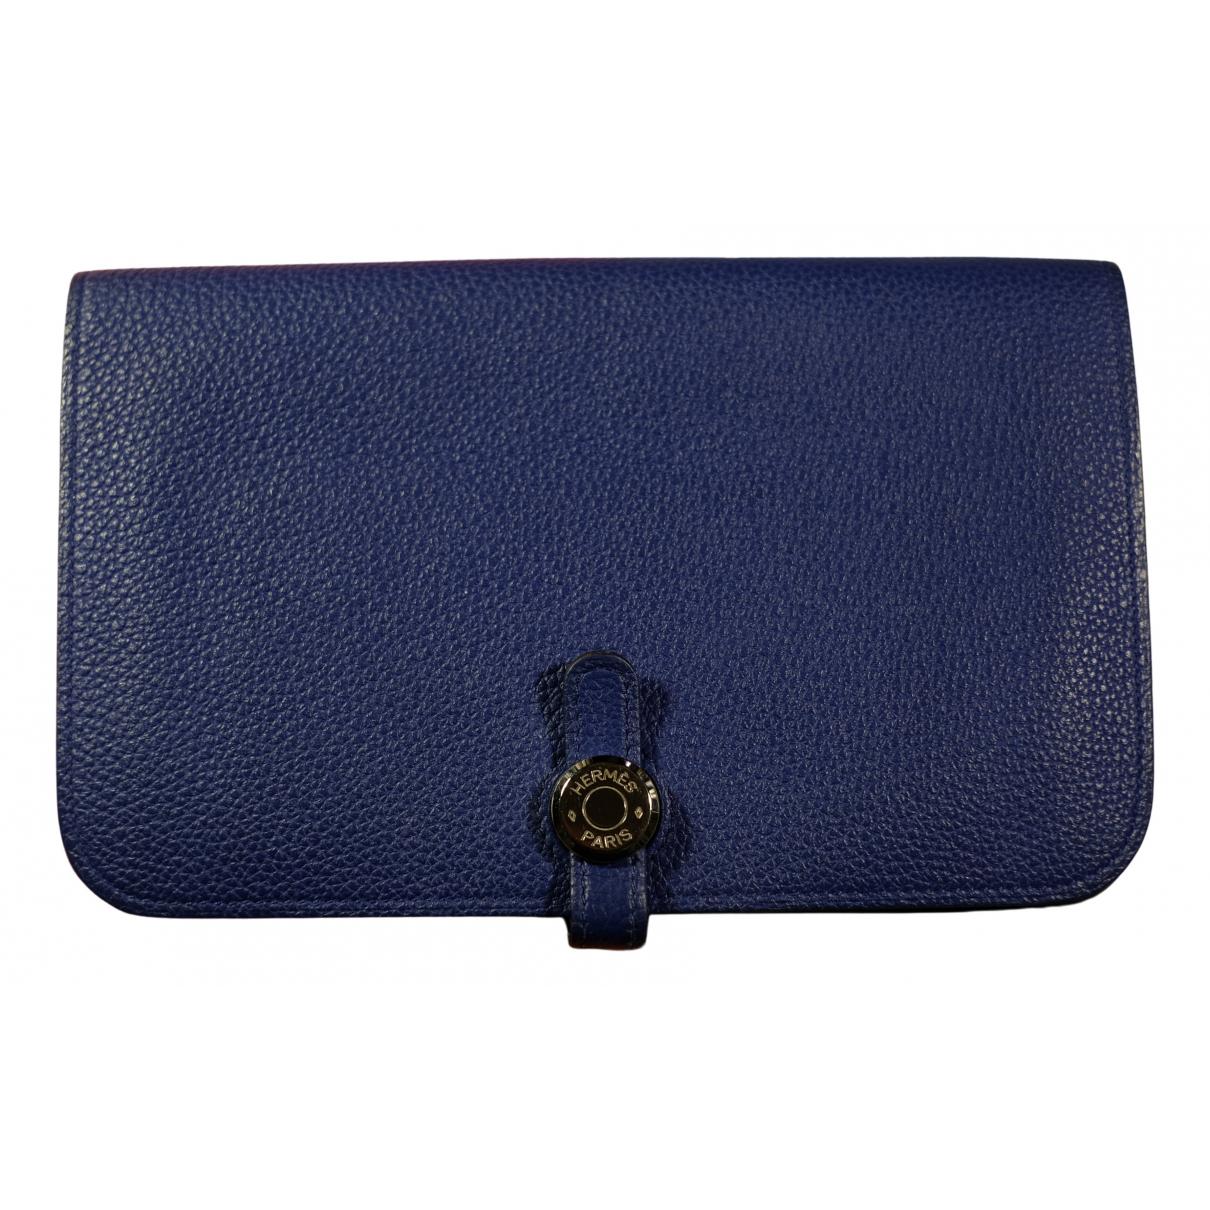 Hermes - Portefeuille Dogon pour femme en cuir - bleu